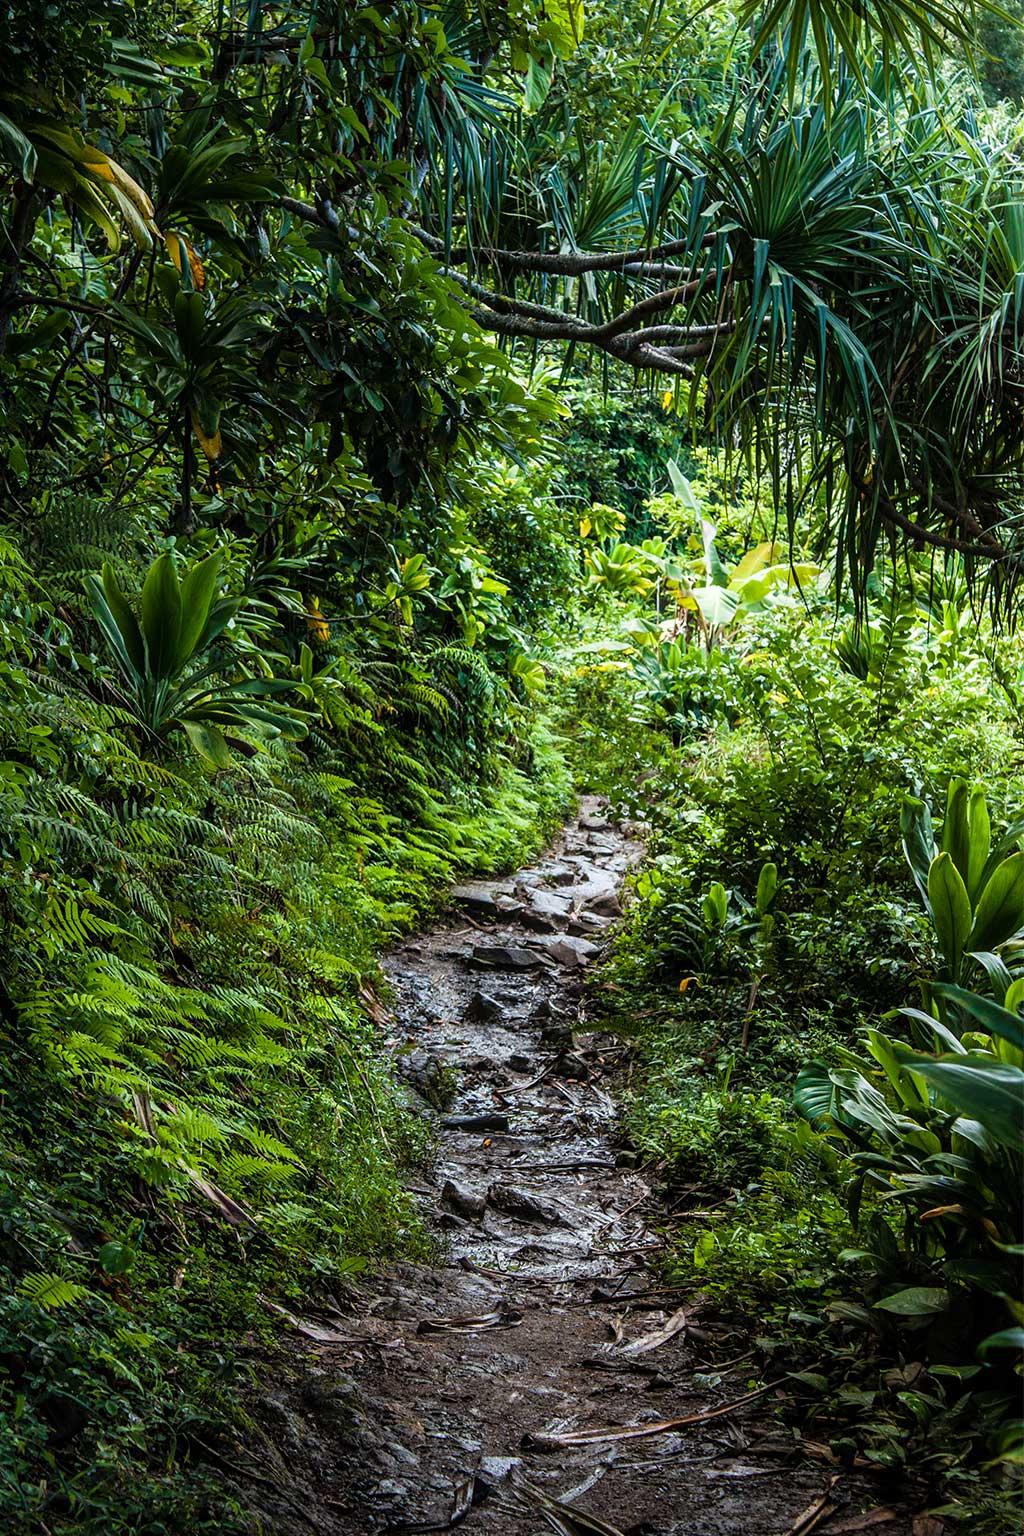 durch den dichten Regenwald